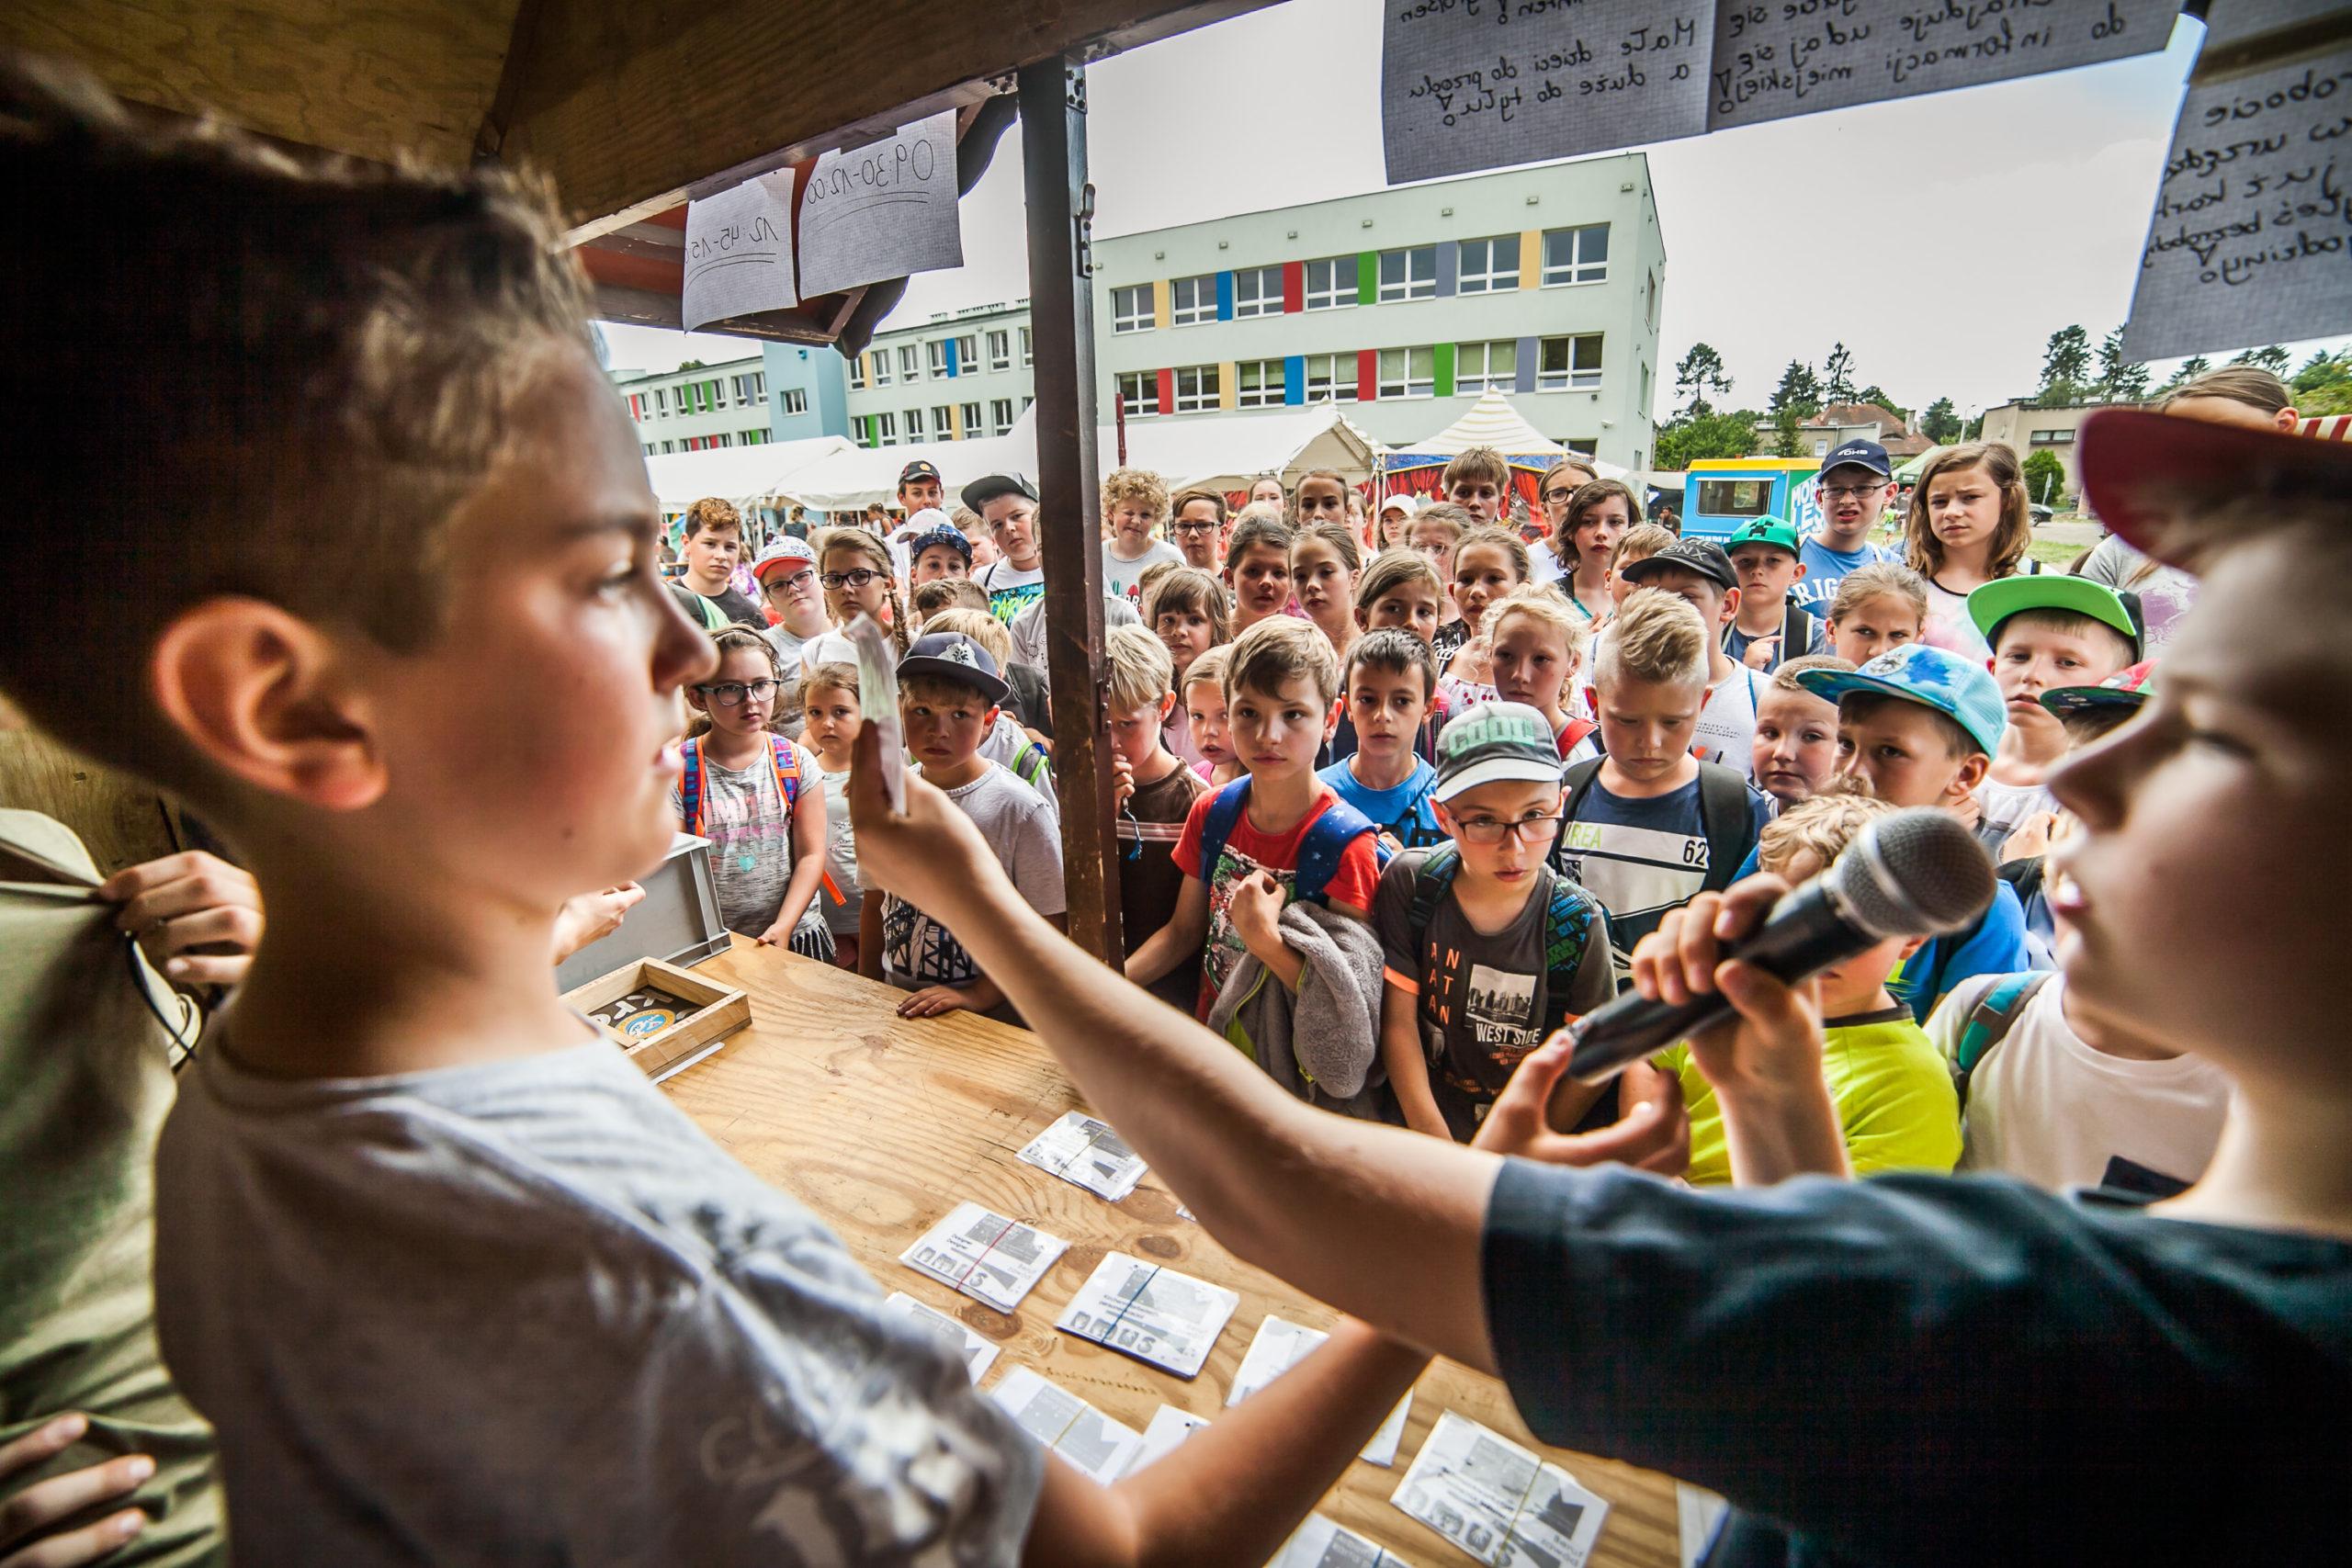 Ruszają zapisy do projektu Kindermiasto Zgorlitz 2021